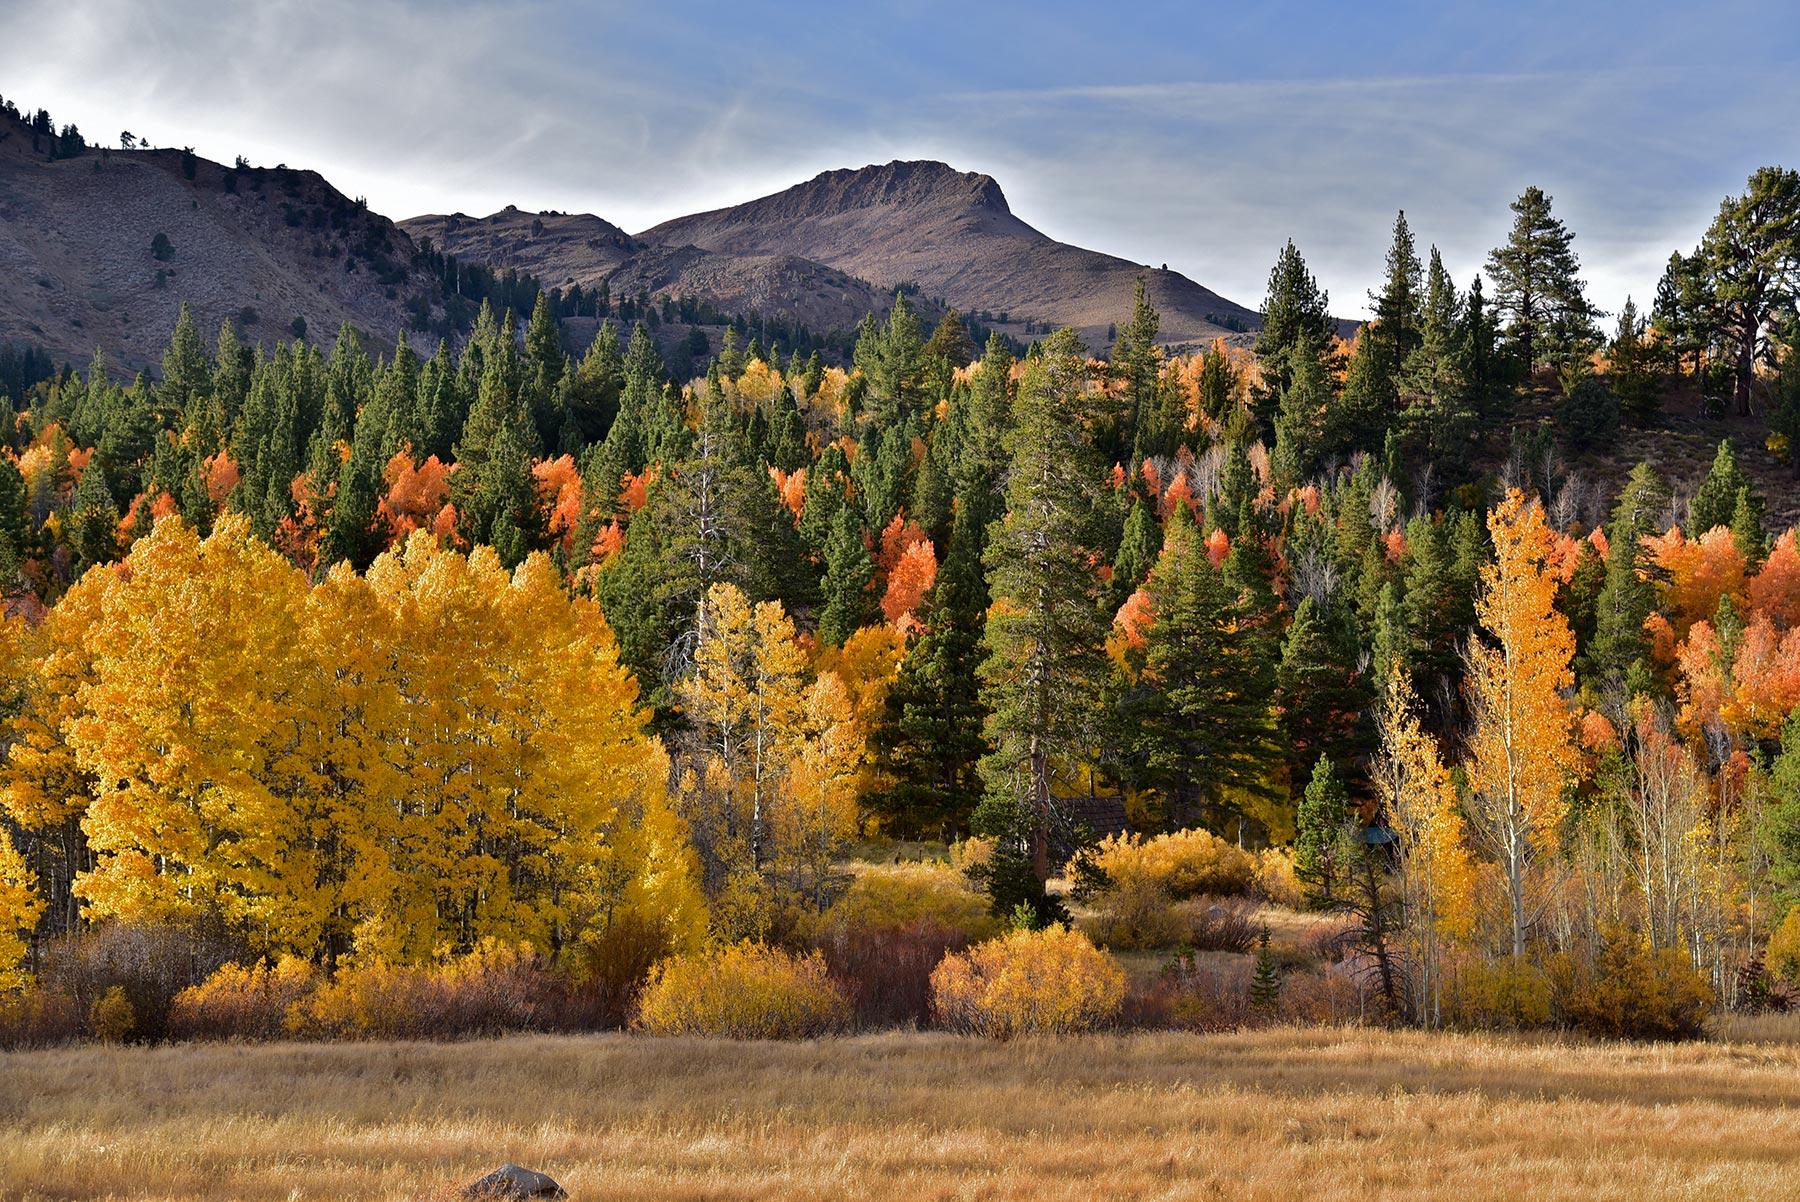 Hope Valley. Credit Jeff Bisbee.